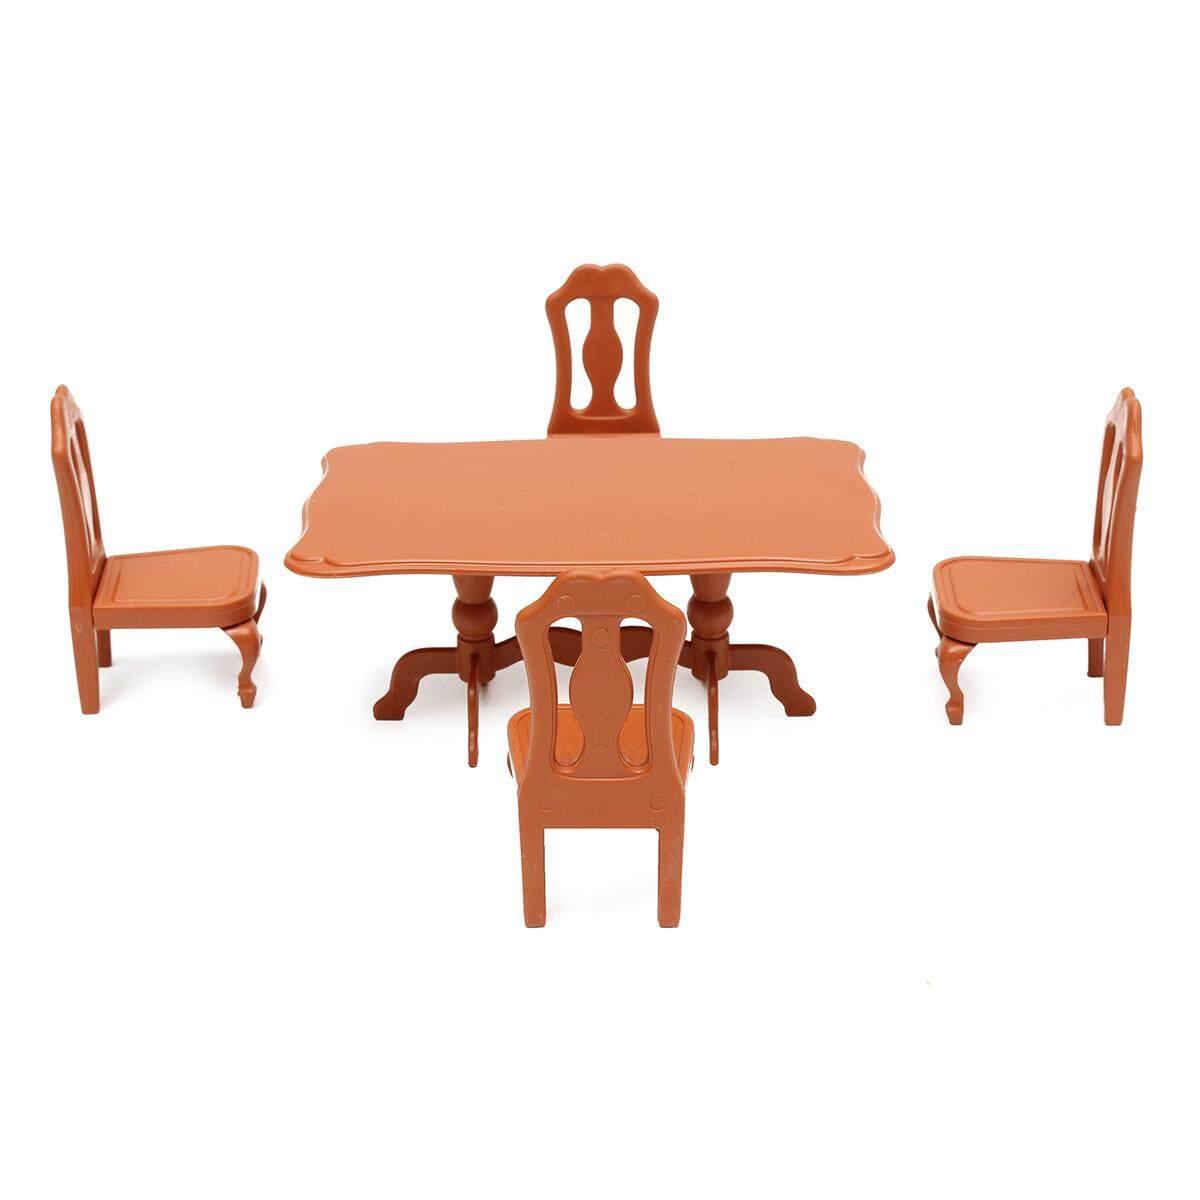 Meja Plastik Miniatur Doll Rumah Furniture Set Ruang Tamu Dapur Dekorasi-Internasional